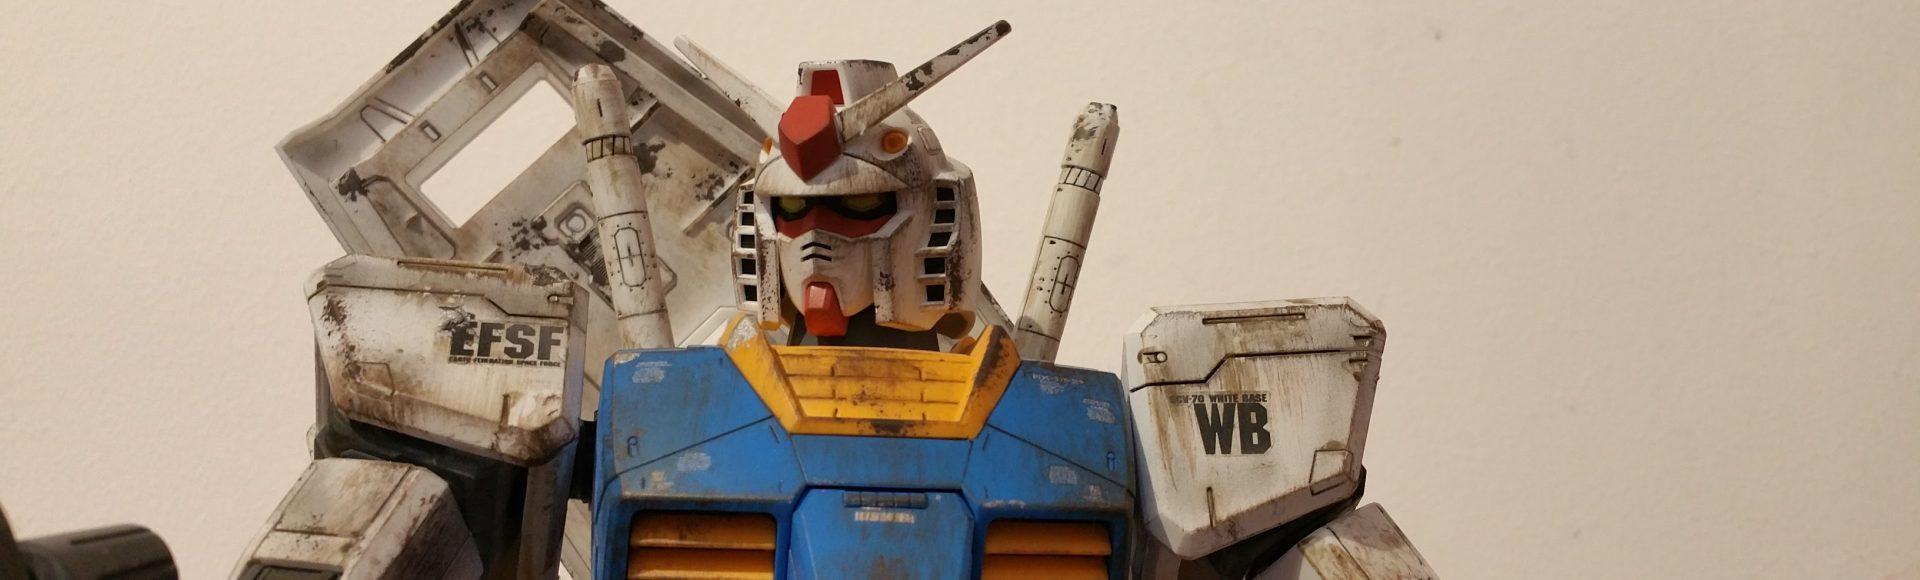 Il Gundam della Bandai, quando i giapponesi giocano in casa!